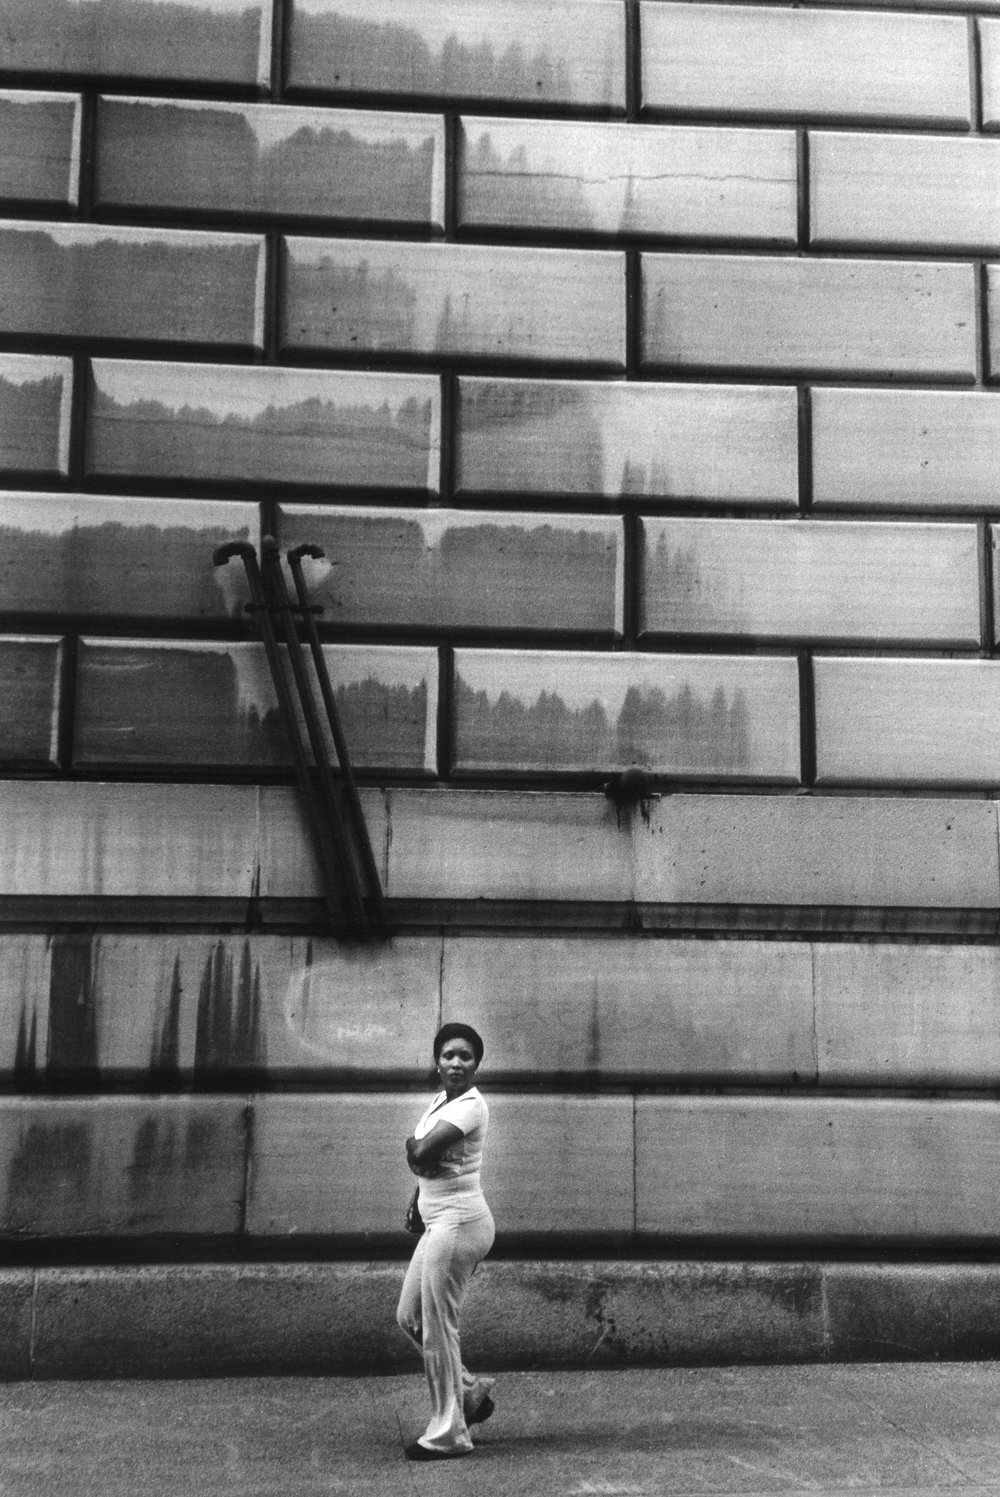 Le mur, Montréal 2006